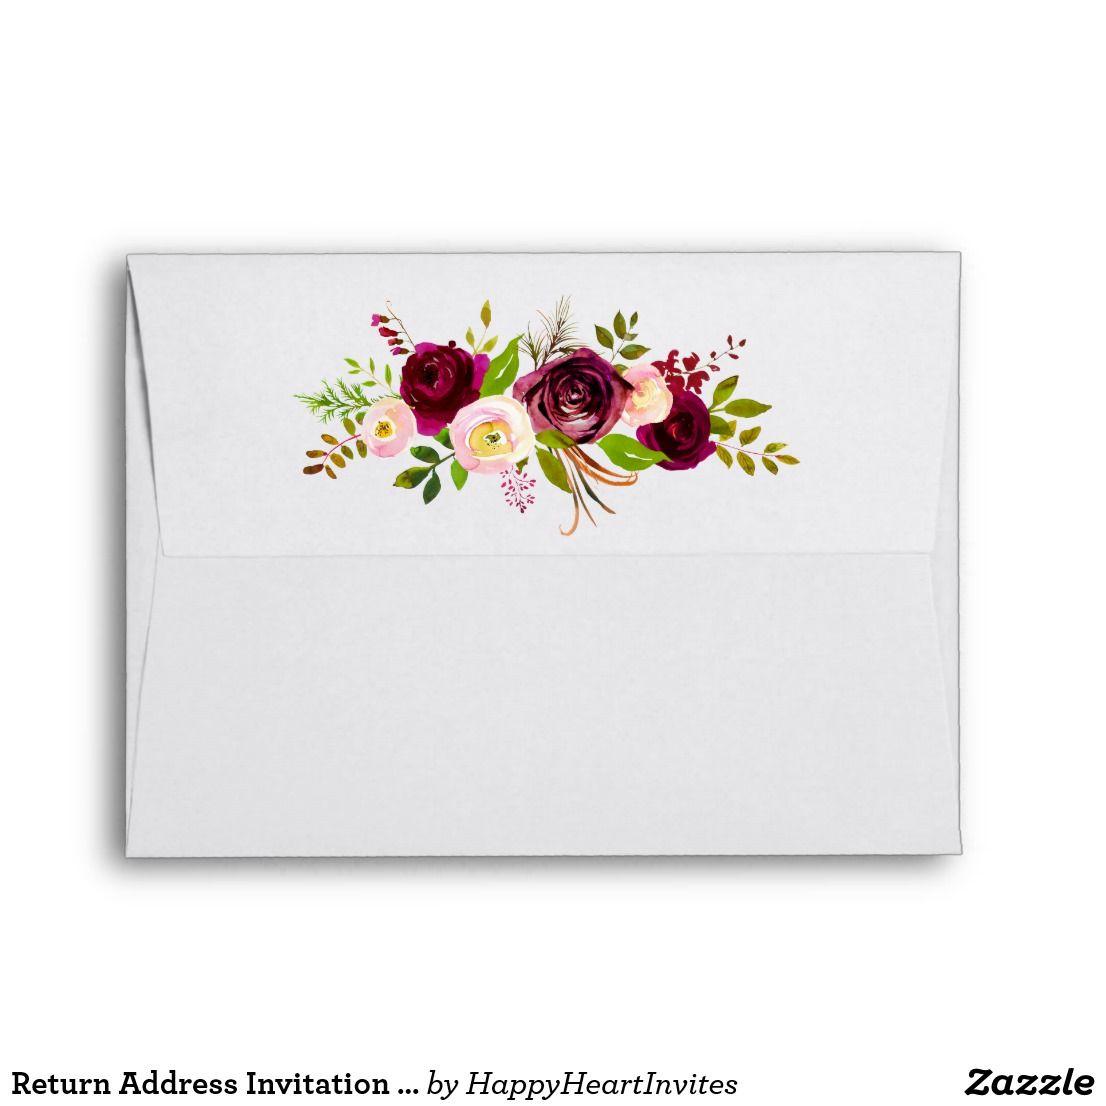 Return Address Invitation Mailing Envelope   Mailing envelopes ...